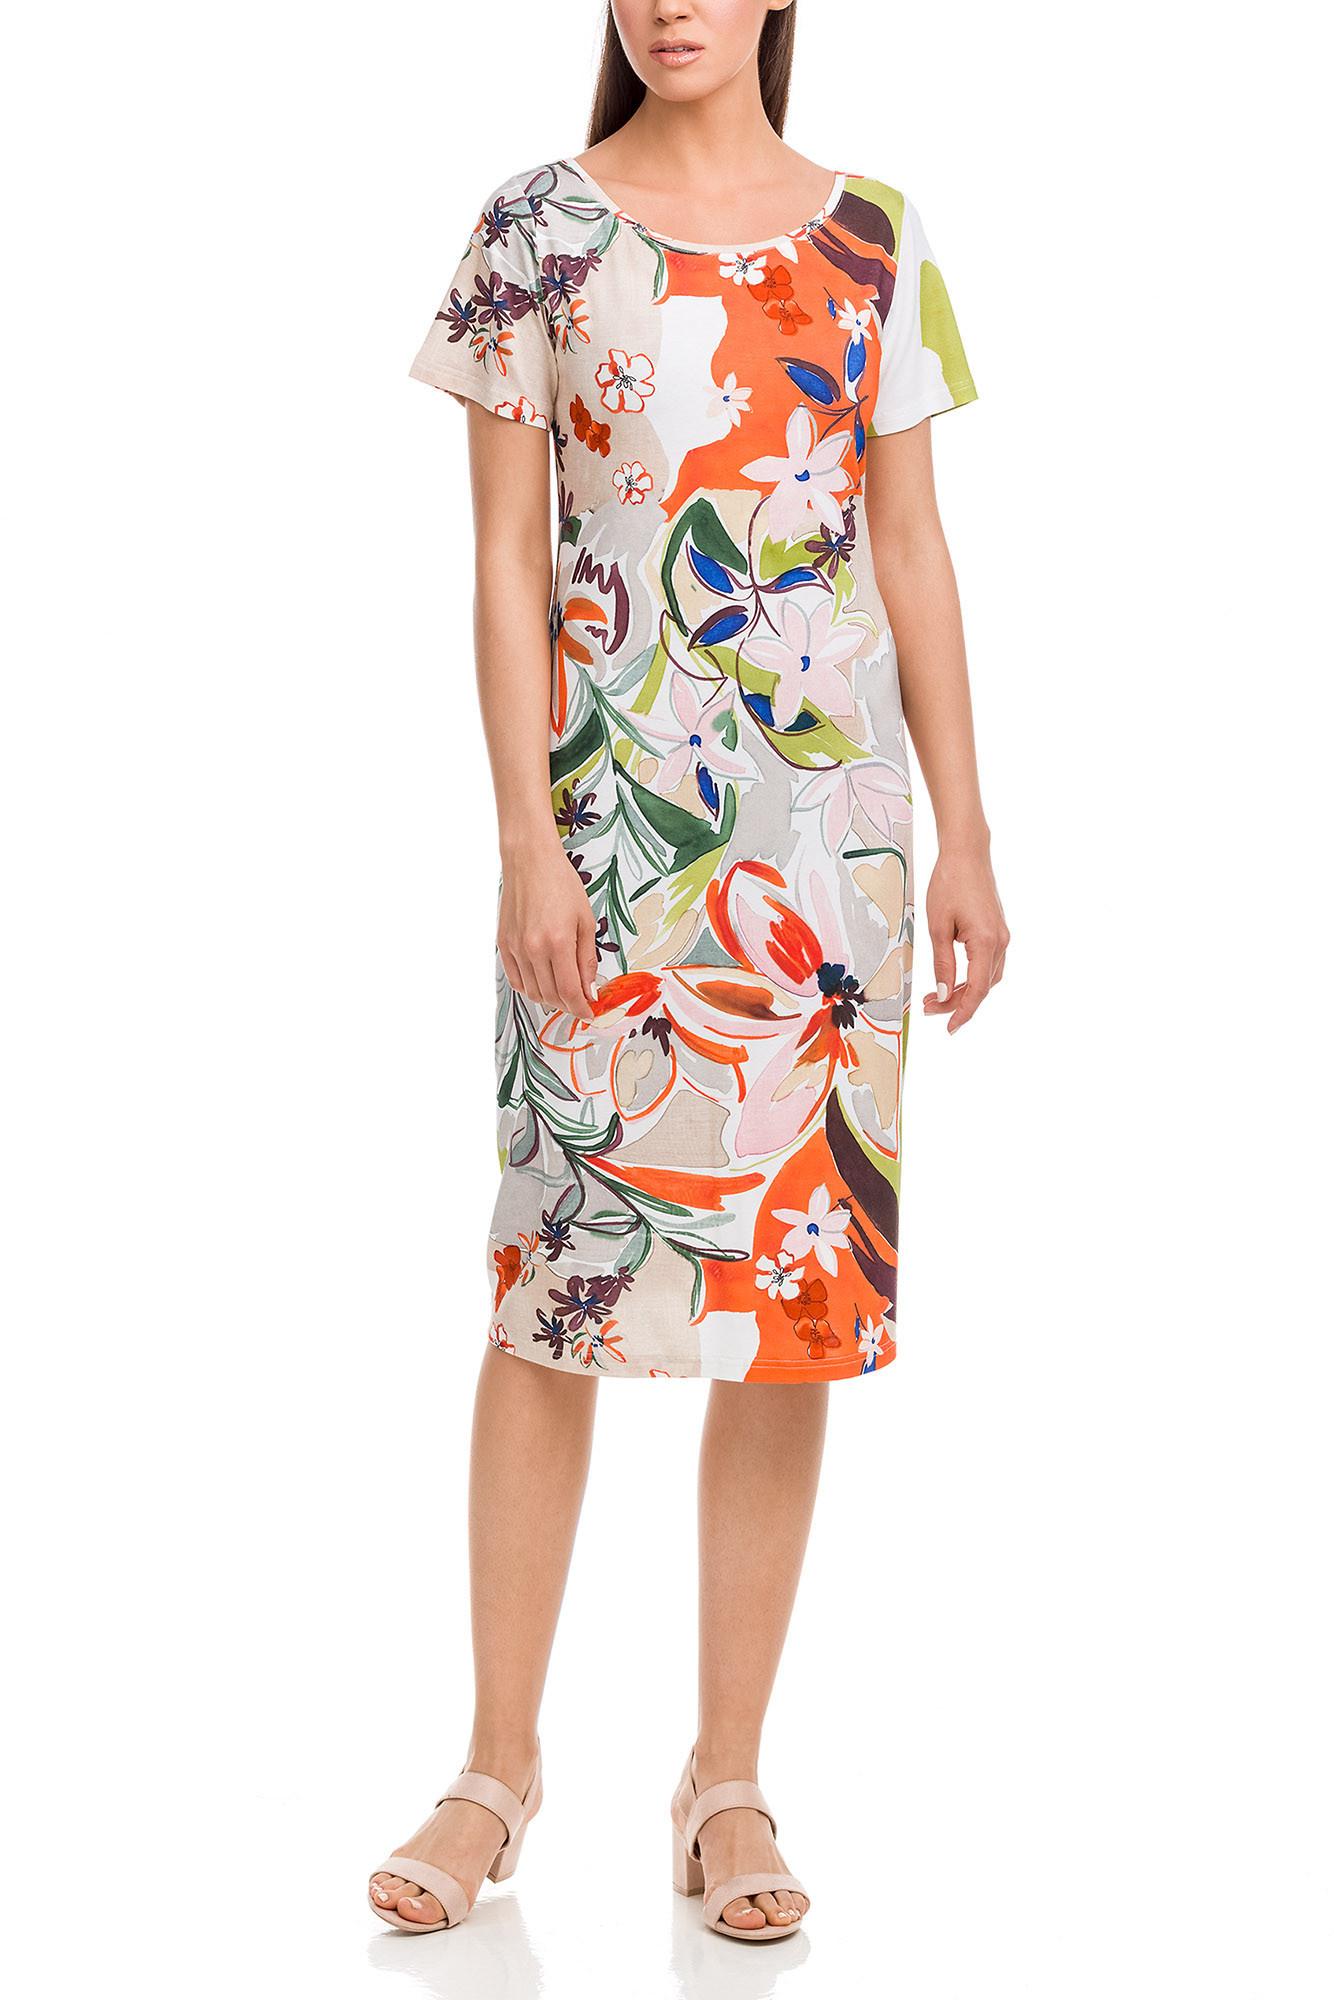 Vamp - Dámske letné šaty 12472 - Vamp beige peach m